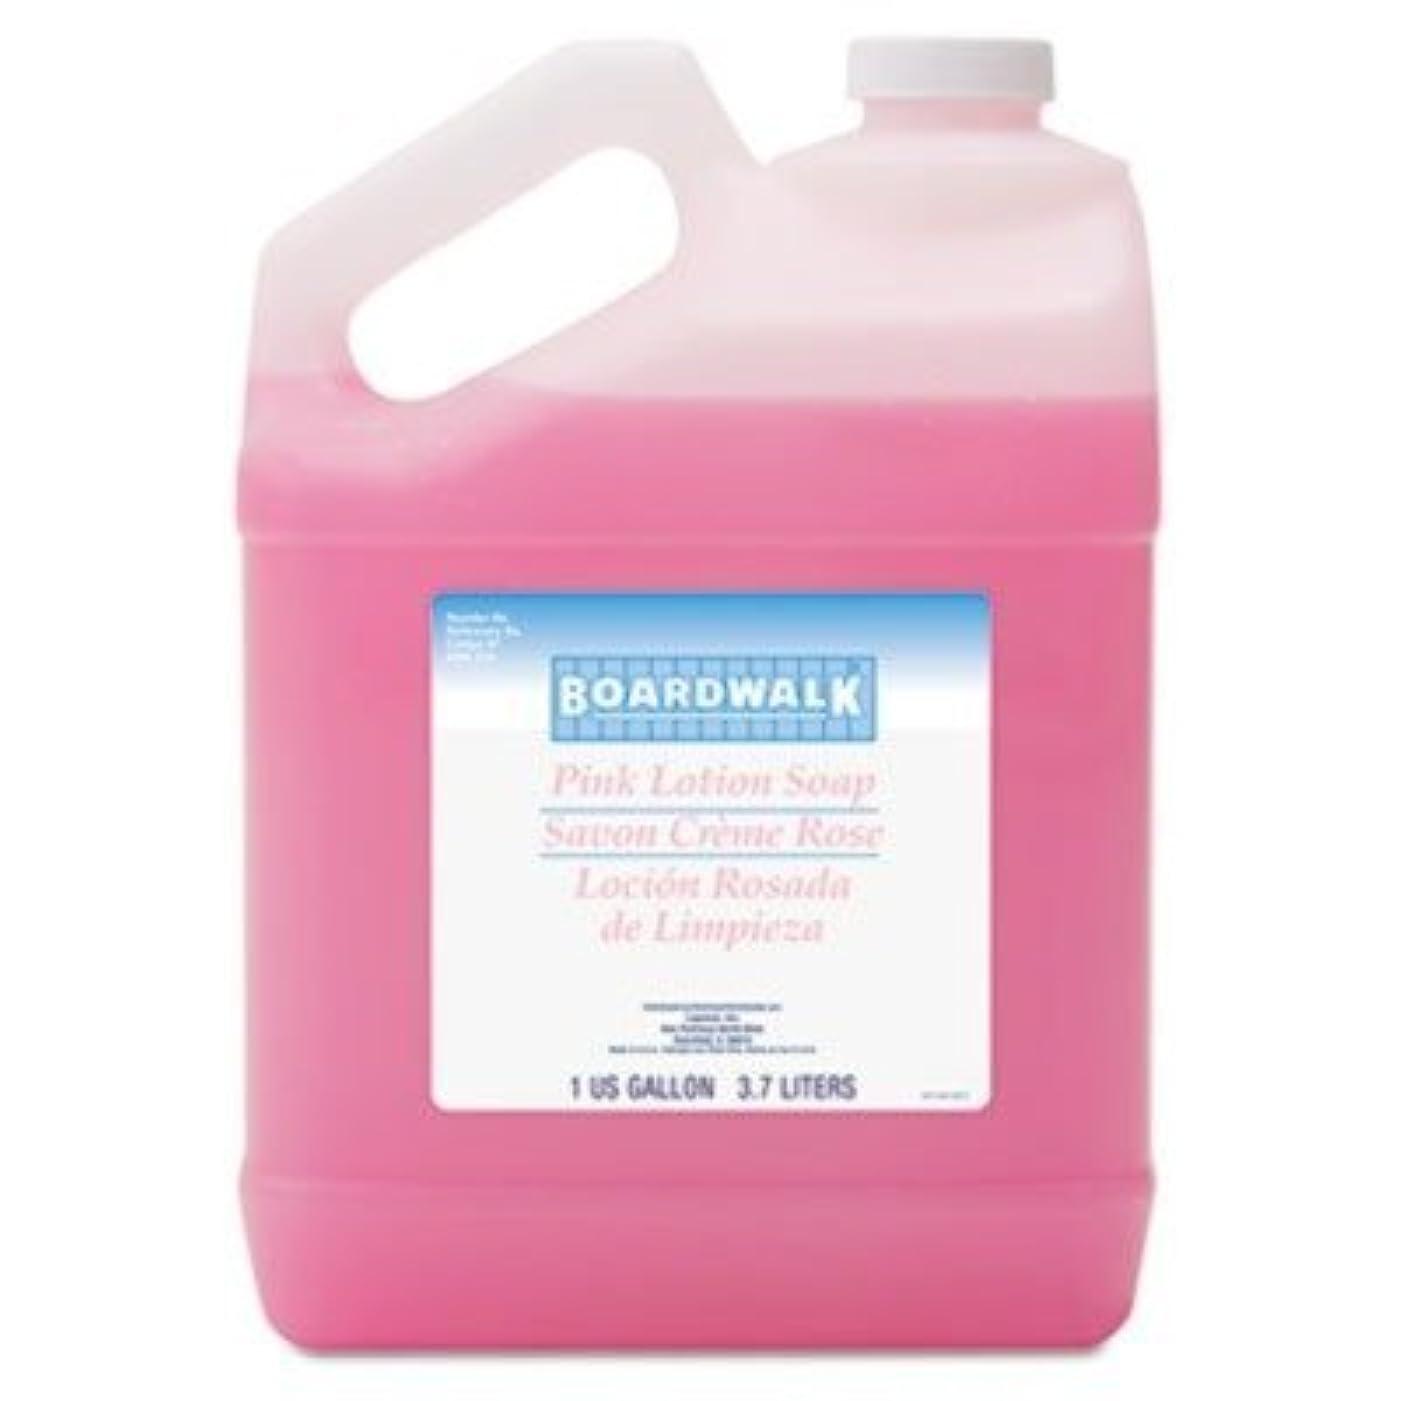 懇願するの慈悲で味bwk410 – Mild Cleansing Lotion Soap、LTピンク花柄香り、液体、1ガロンボトル